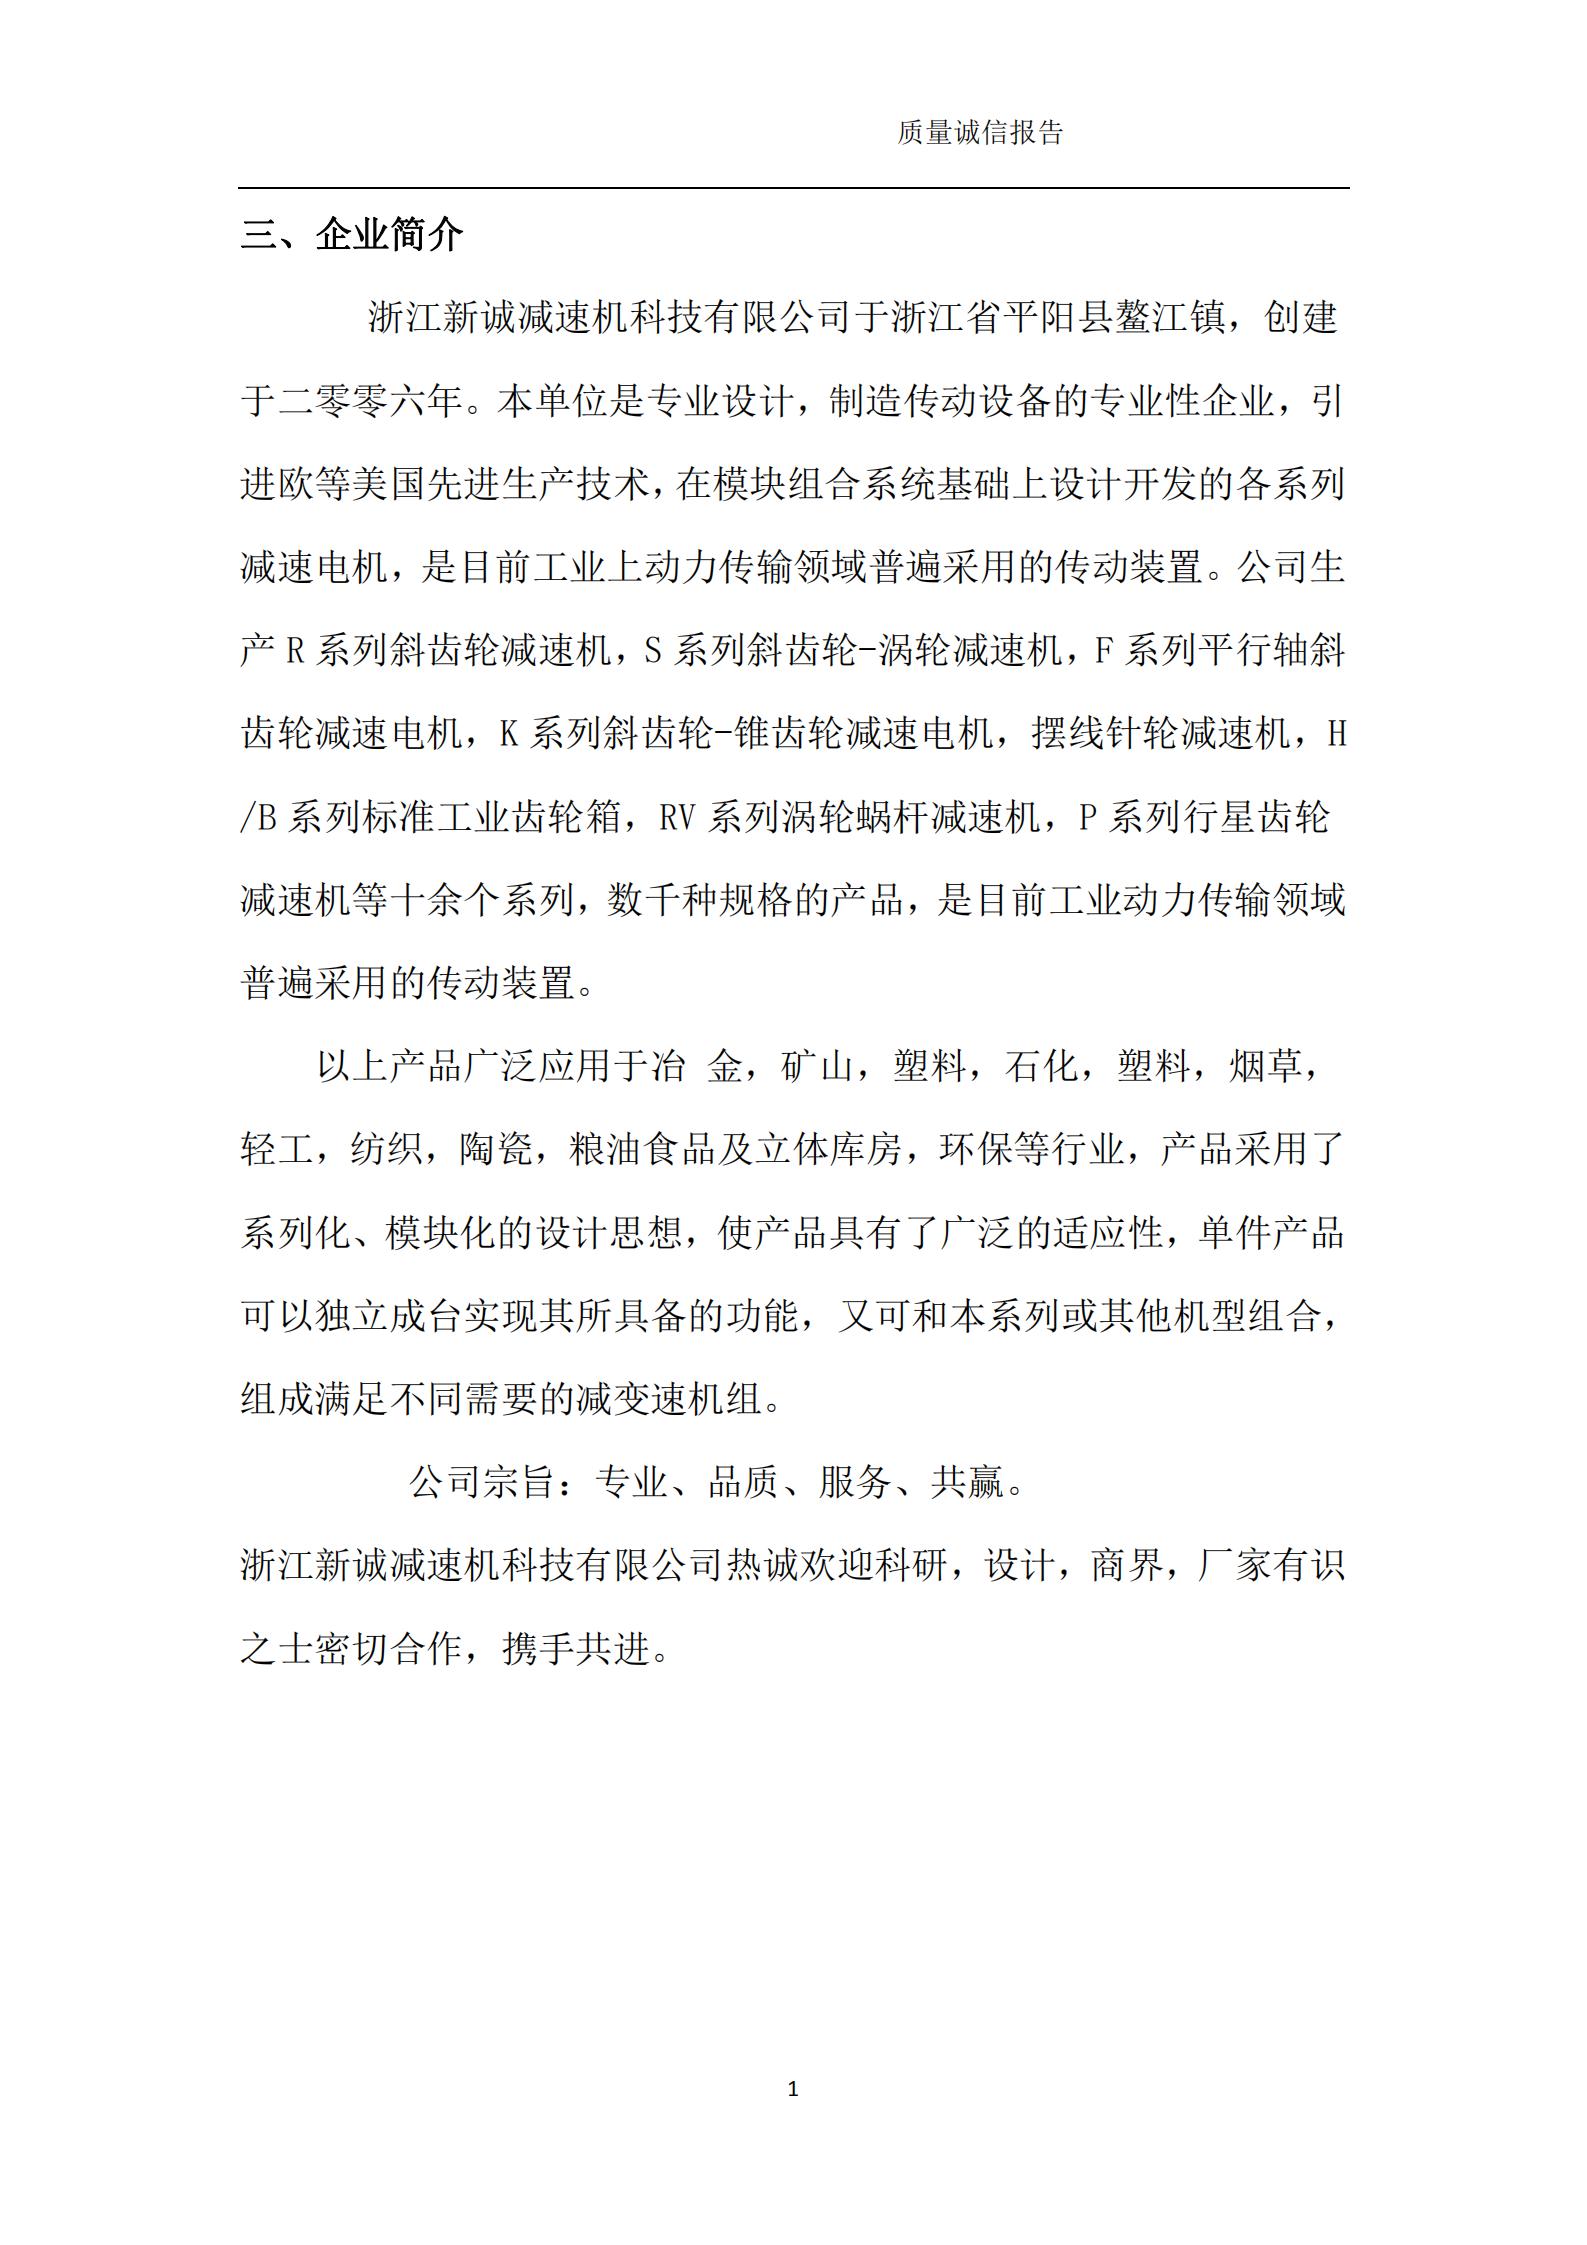 浙江新诚减速机科技有限公司-质量诚信报告(1)_02.png